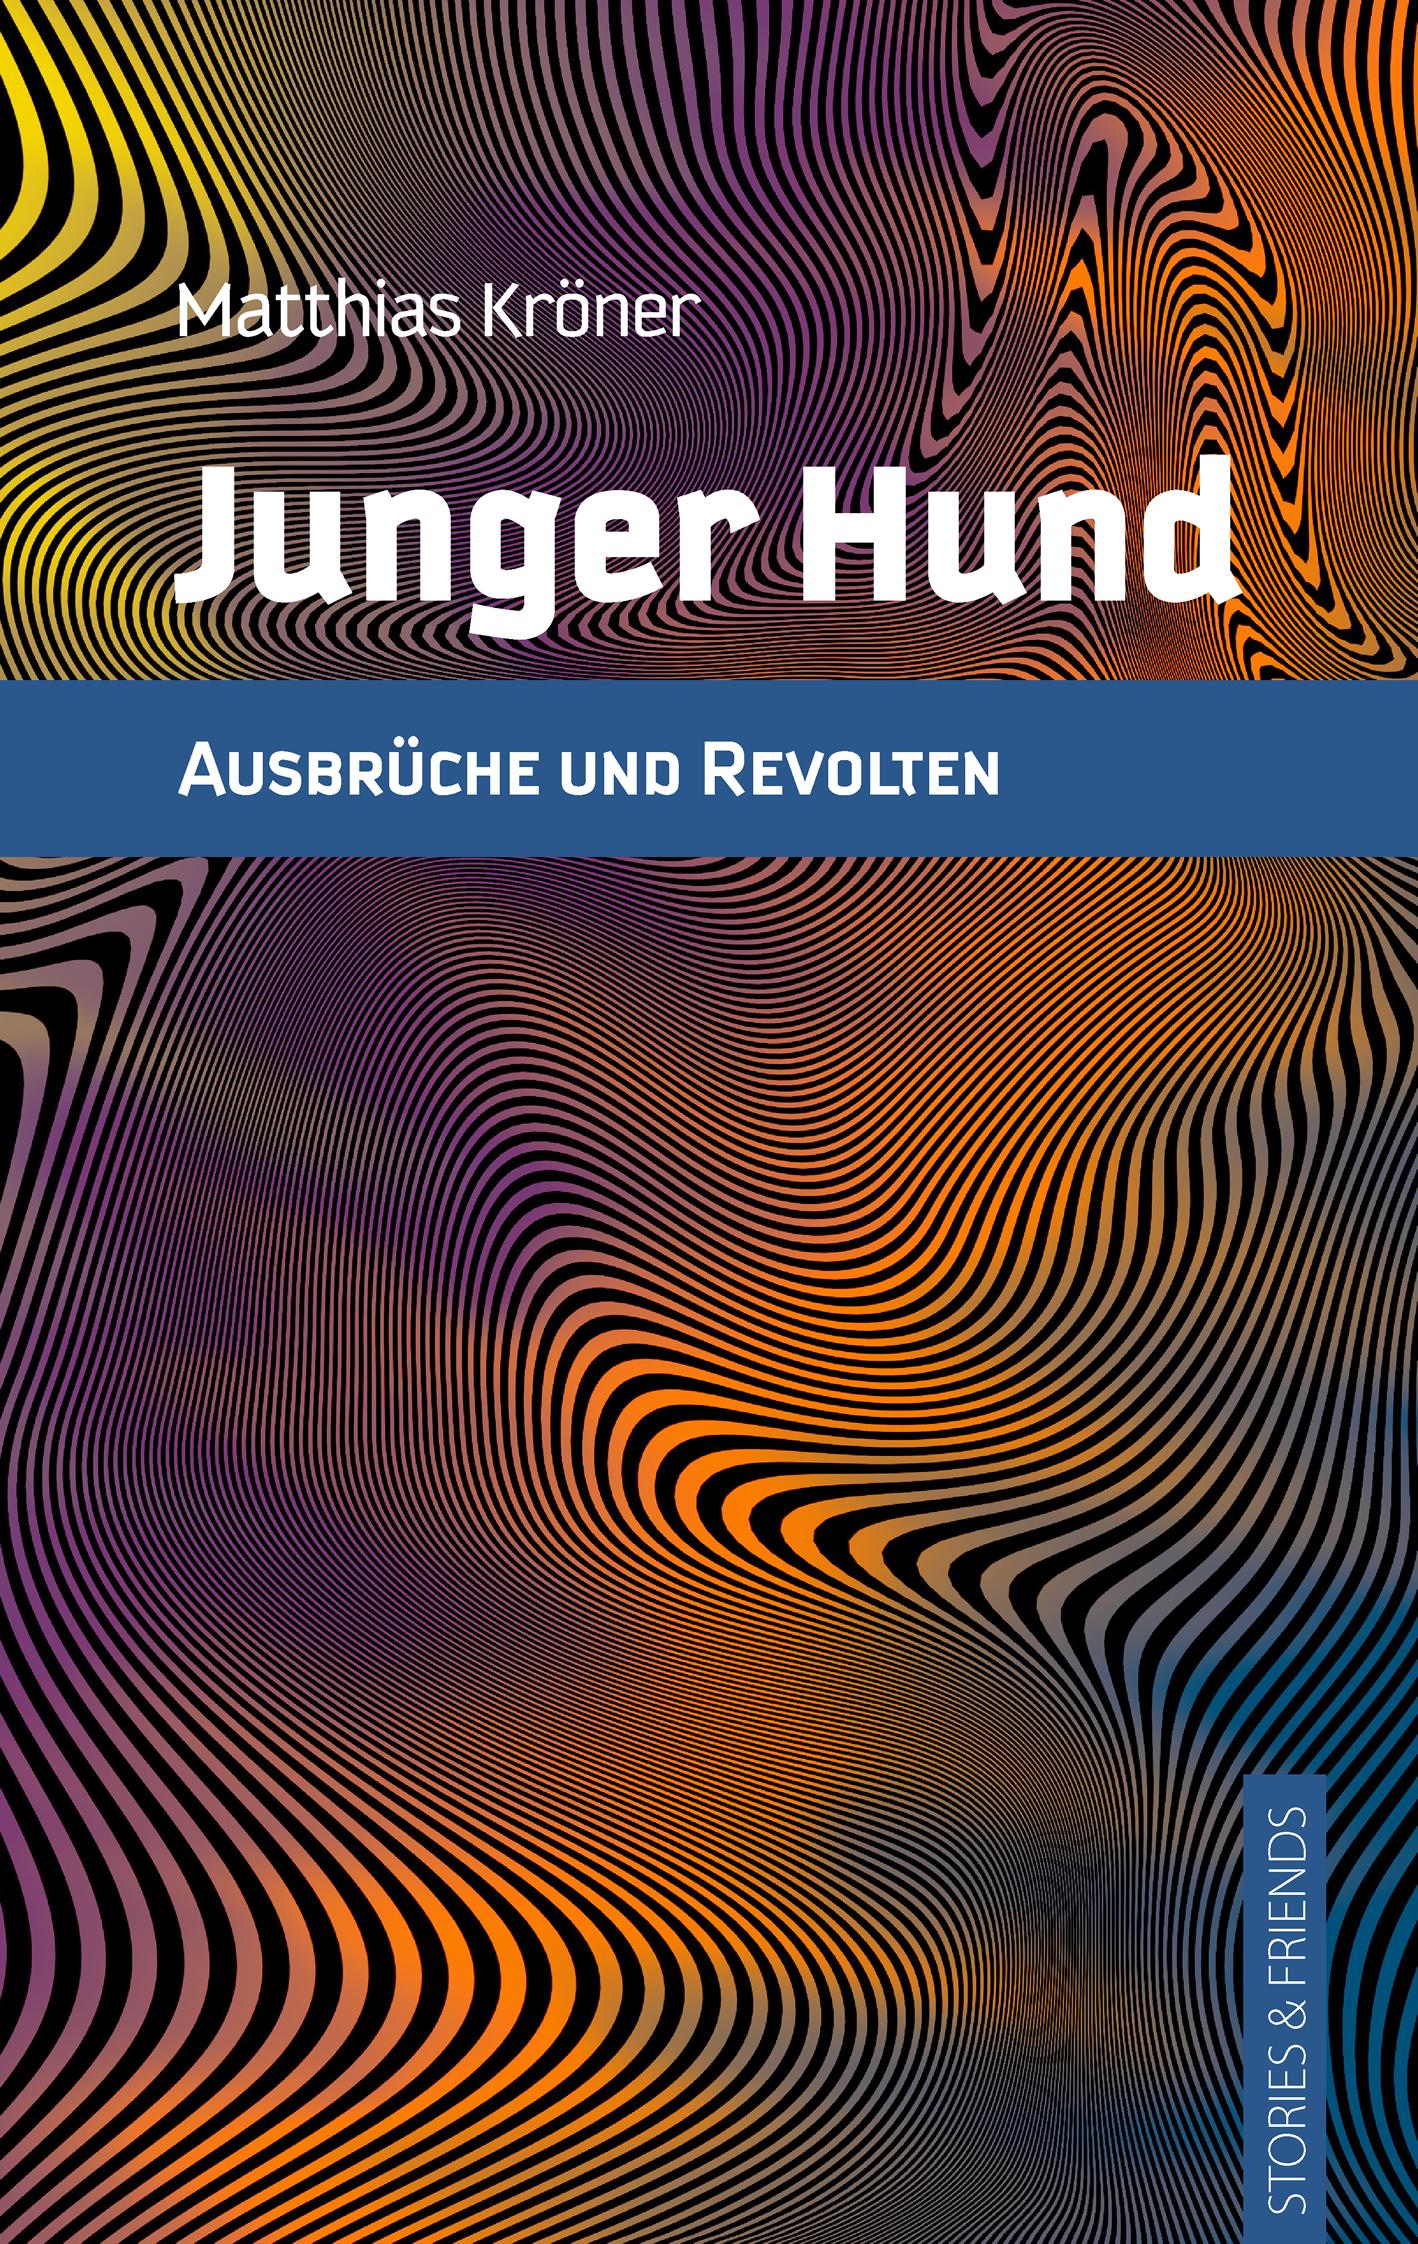 Junger Hund: Ausbrüche und Revolten - Matthias ...